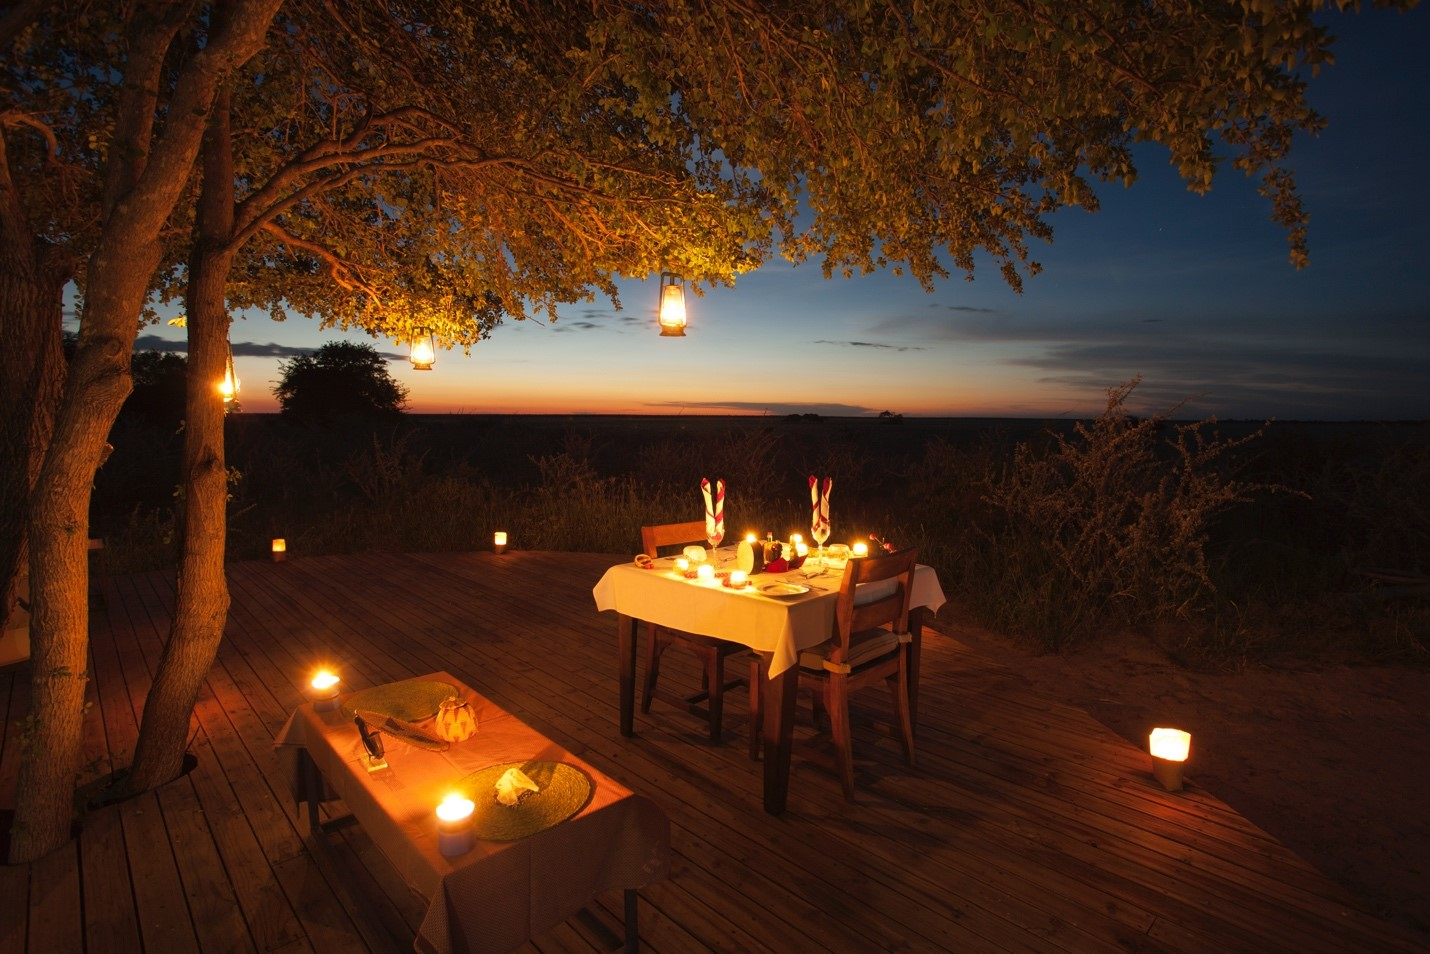 al fresco dining in Botswana with lovely light